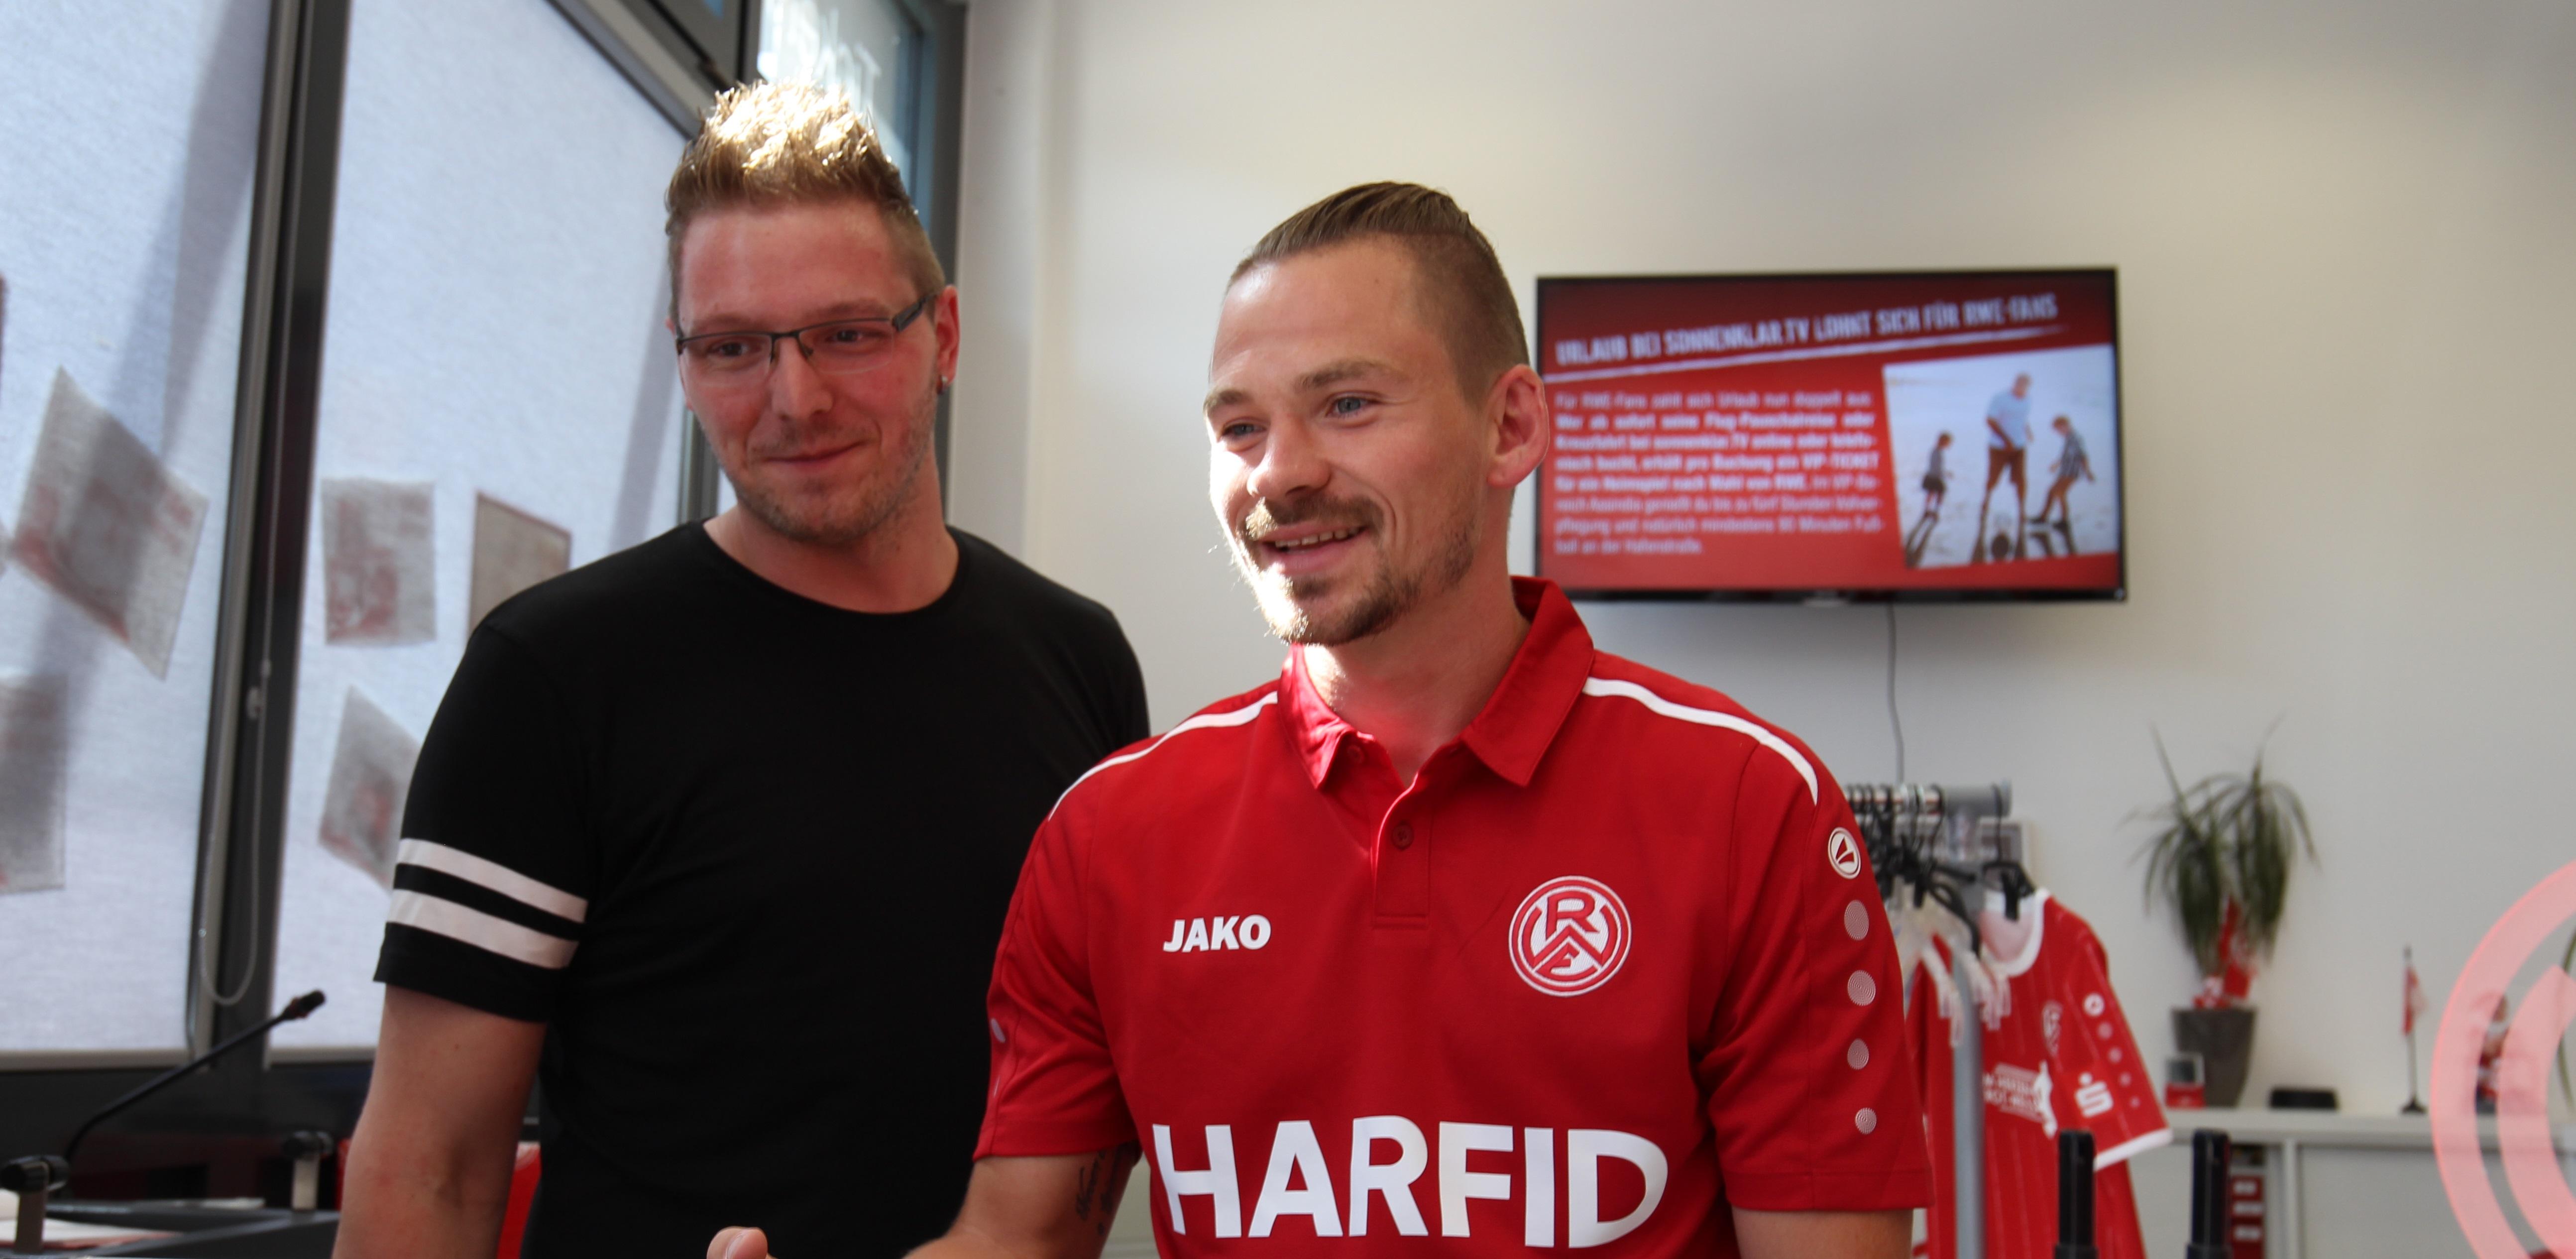 Neben Kevin Freiberger halfen auch Florian Bichler, Felix Herzenbruch und Dennis Grote im rot-weissen Fanshop aus.